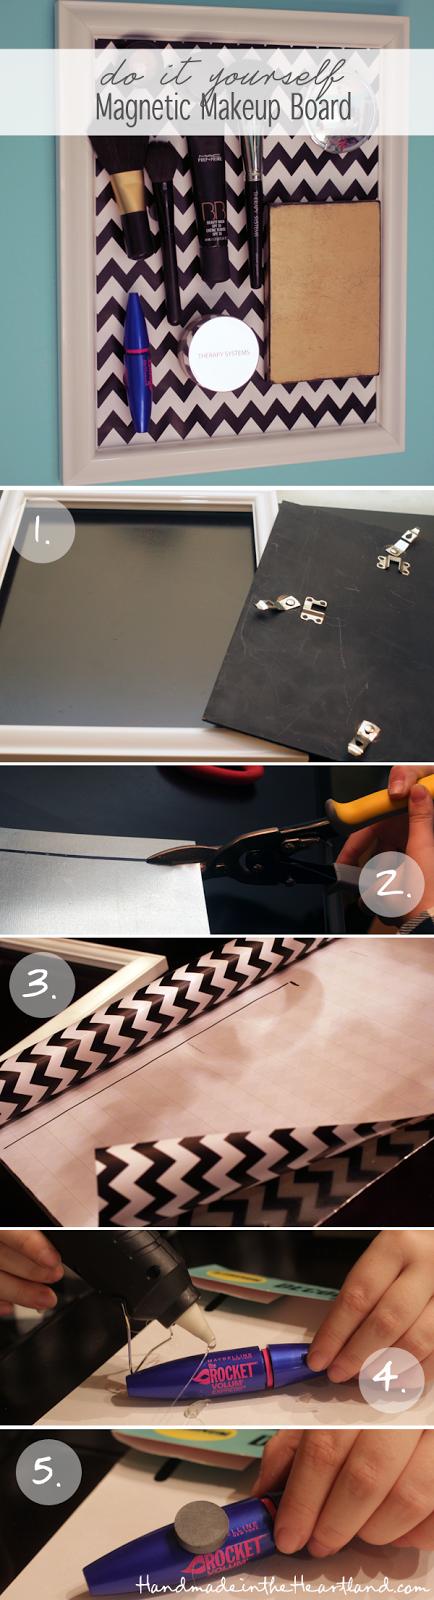 DIY Magnetic Makeup Board Tutorial